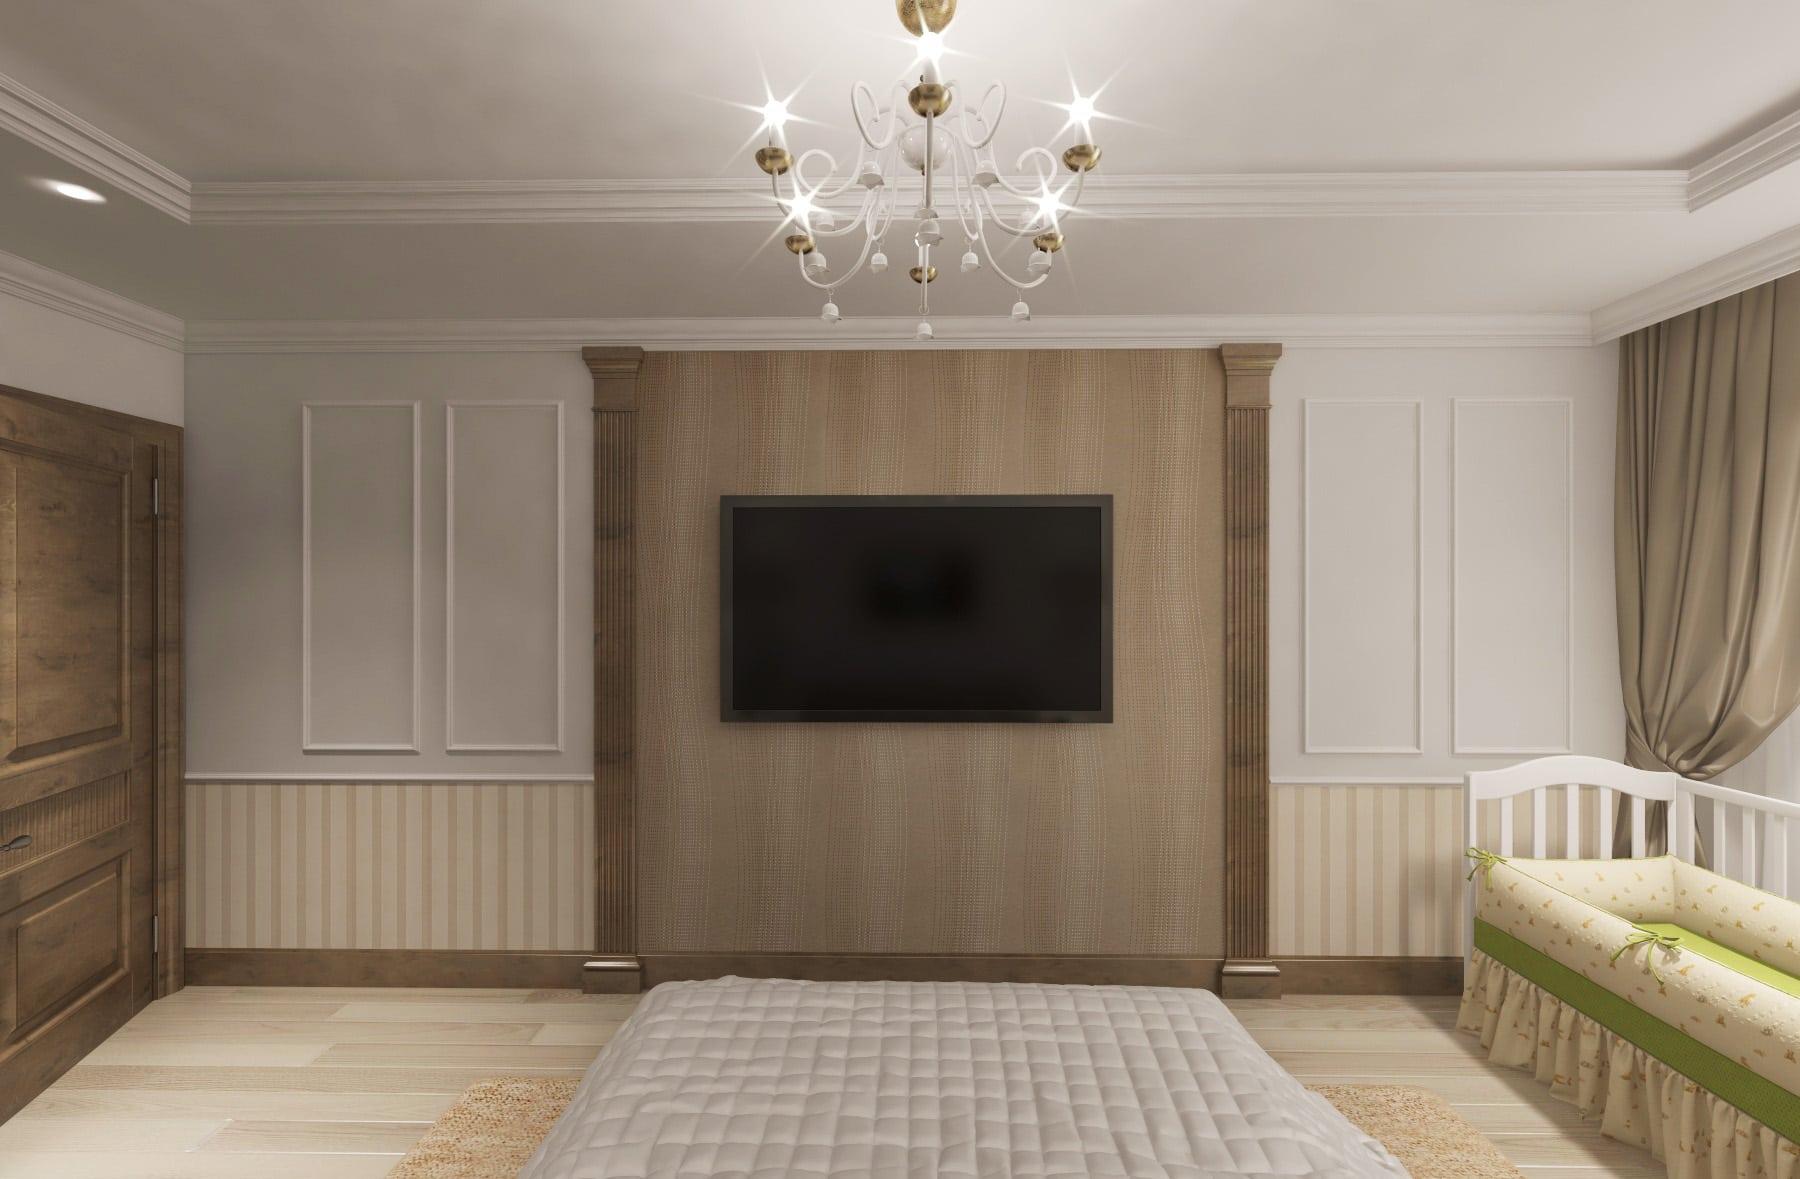 Дизайн интерьера в Ставрополе спальня телевизор между пилястрами карты молдинги